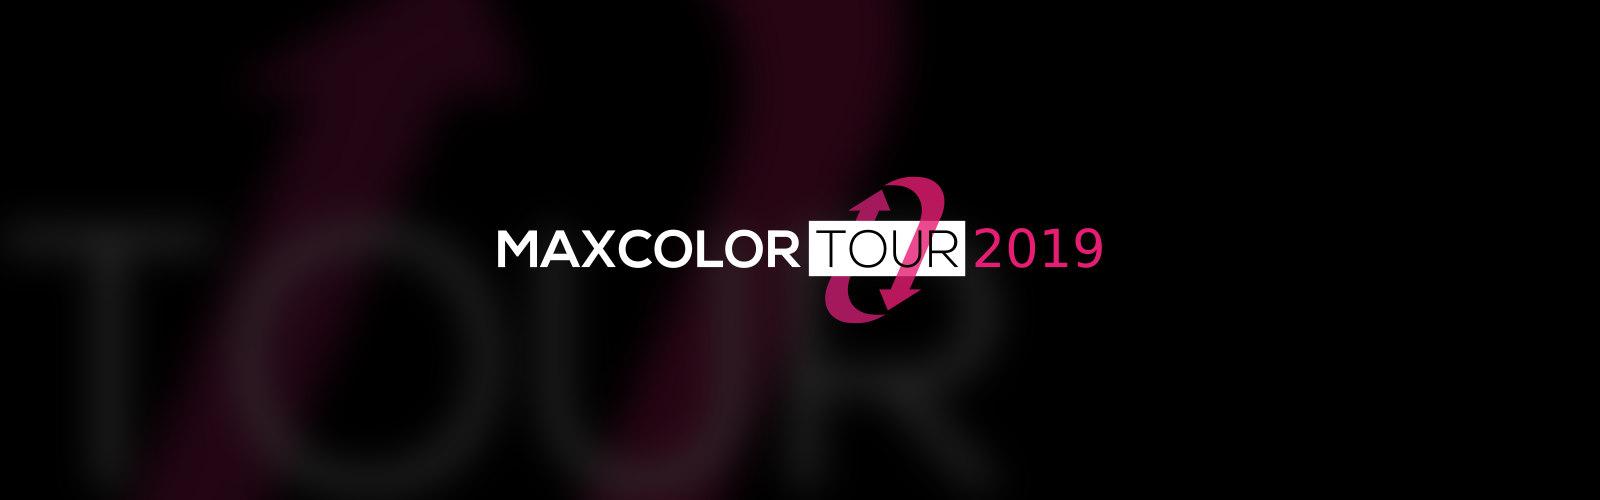 Maxcolor Tour 2019